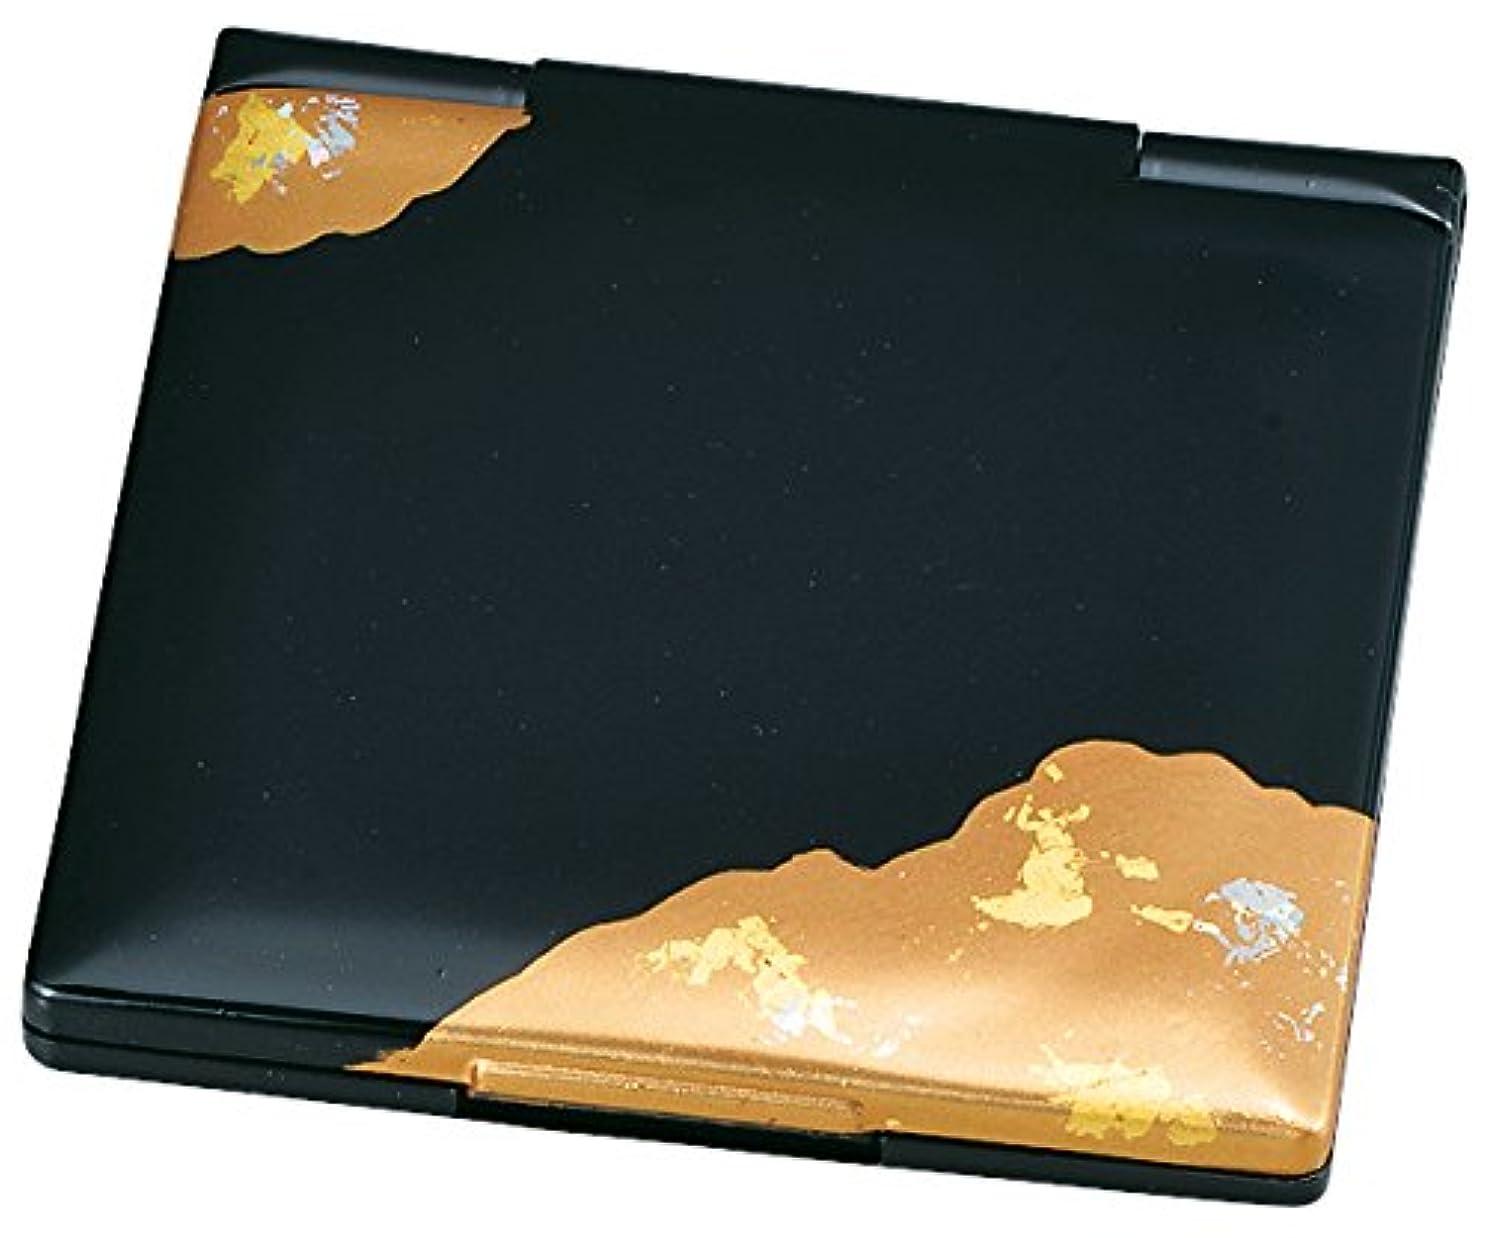 中谷兄弟商会 山中漆器 コンパクトミラー 純金箔工芸 黒 金雲33-0401